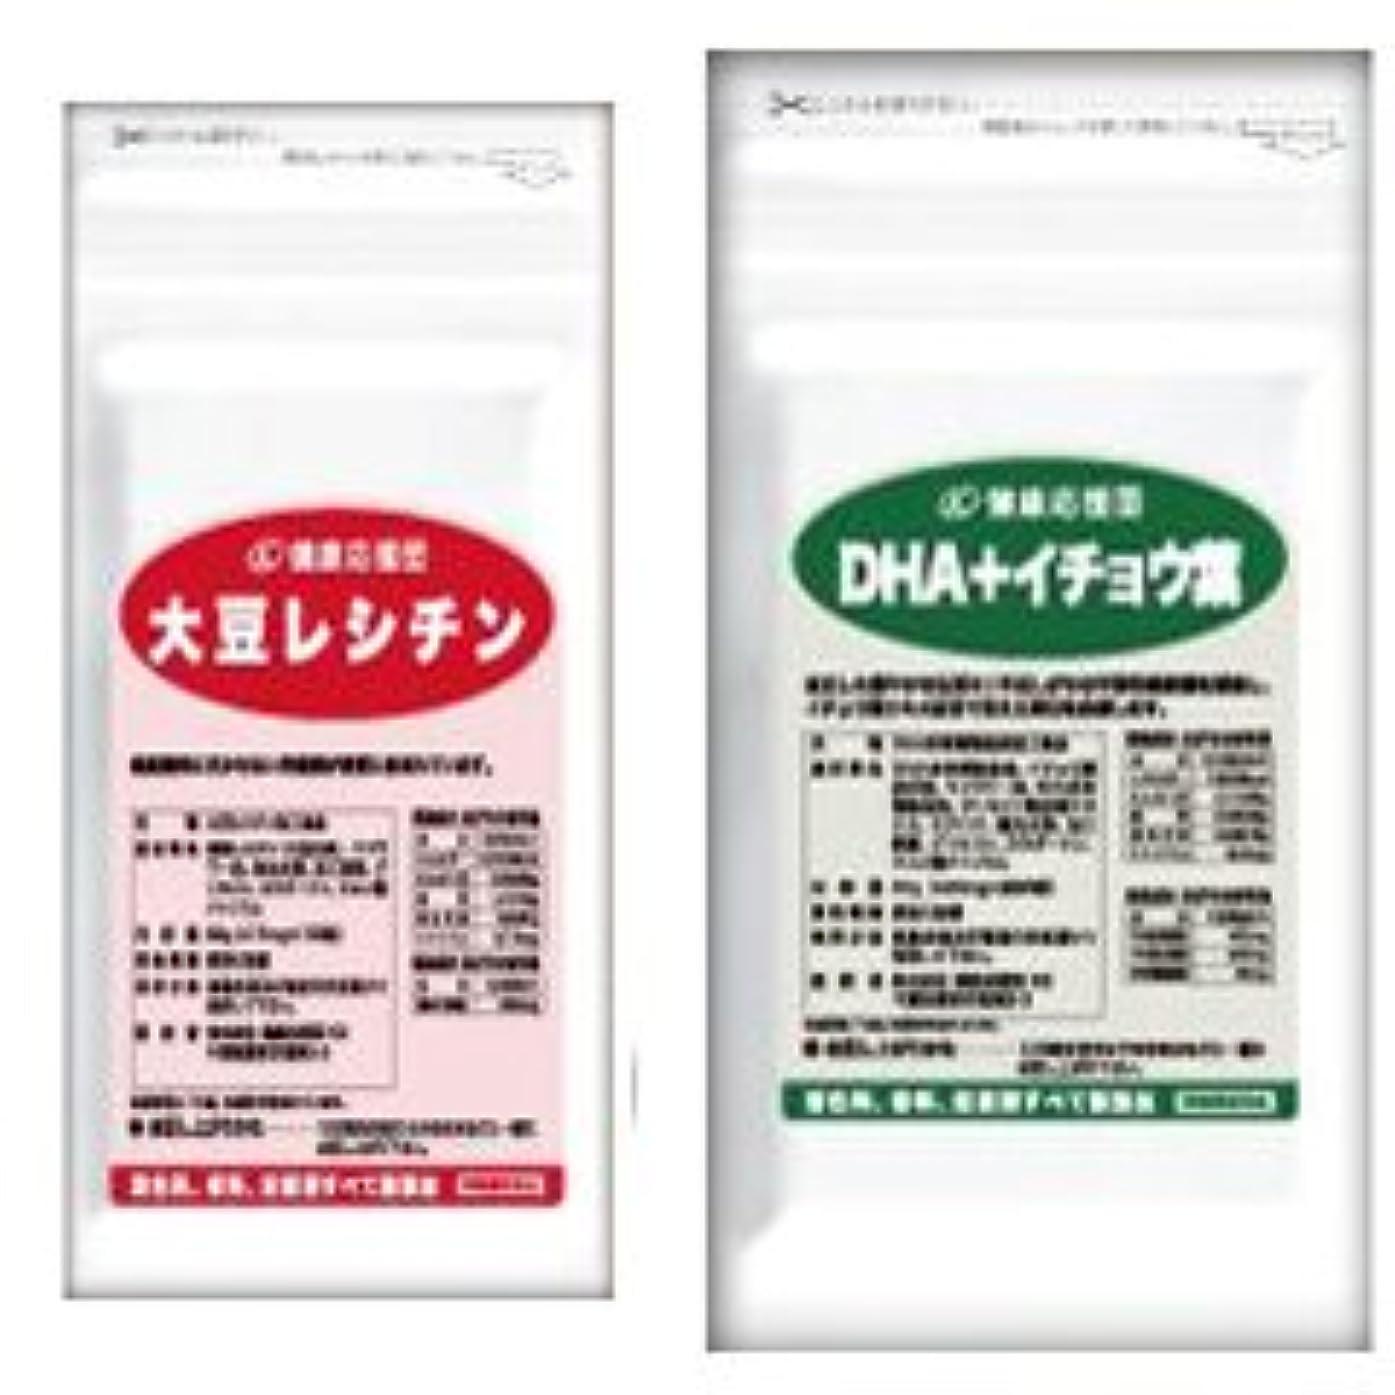 選択ブレイズ典型的な流れサラサラセット 大豆レシチン+(DHA+イチョウ葉) (DHA?EPA?イチョウ葉)